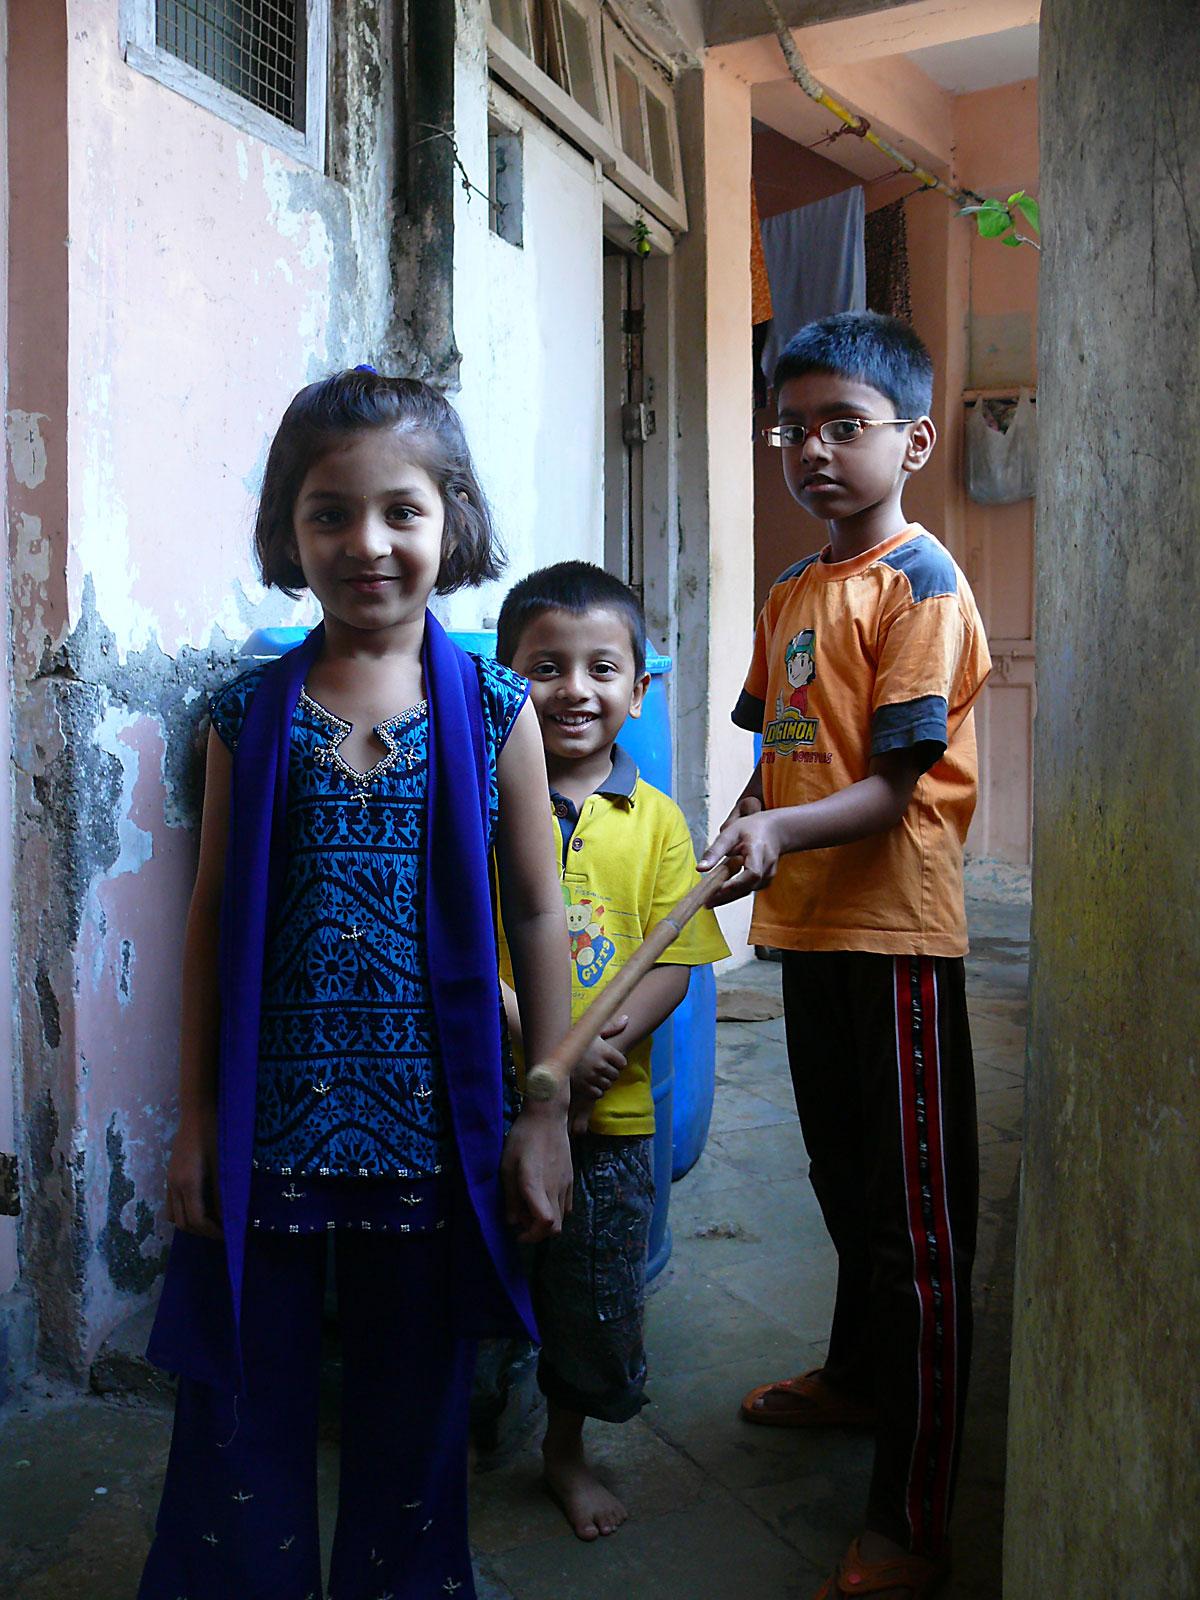 INDIEN MUMBAI Menschen Wohnen FINEST-onTour P1030381.jpg